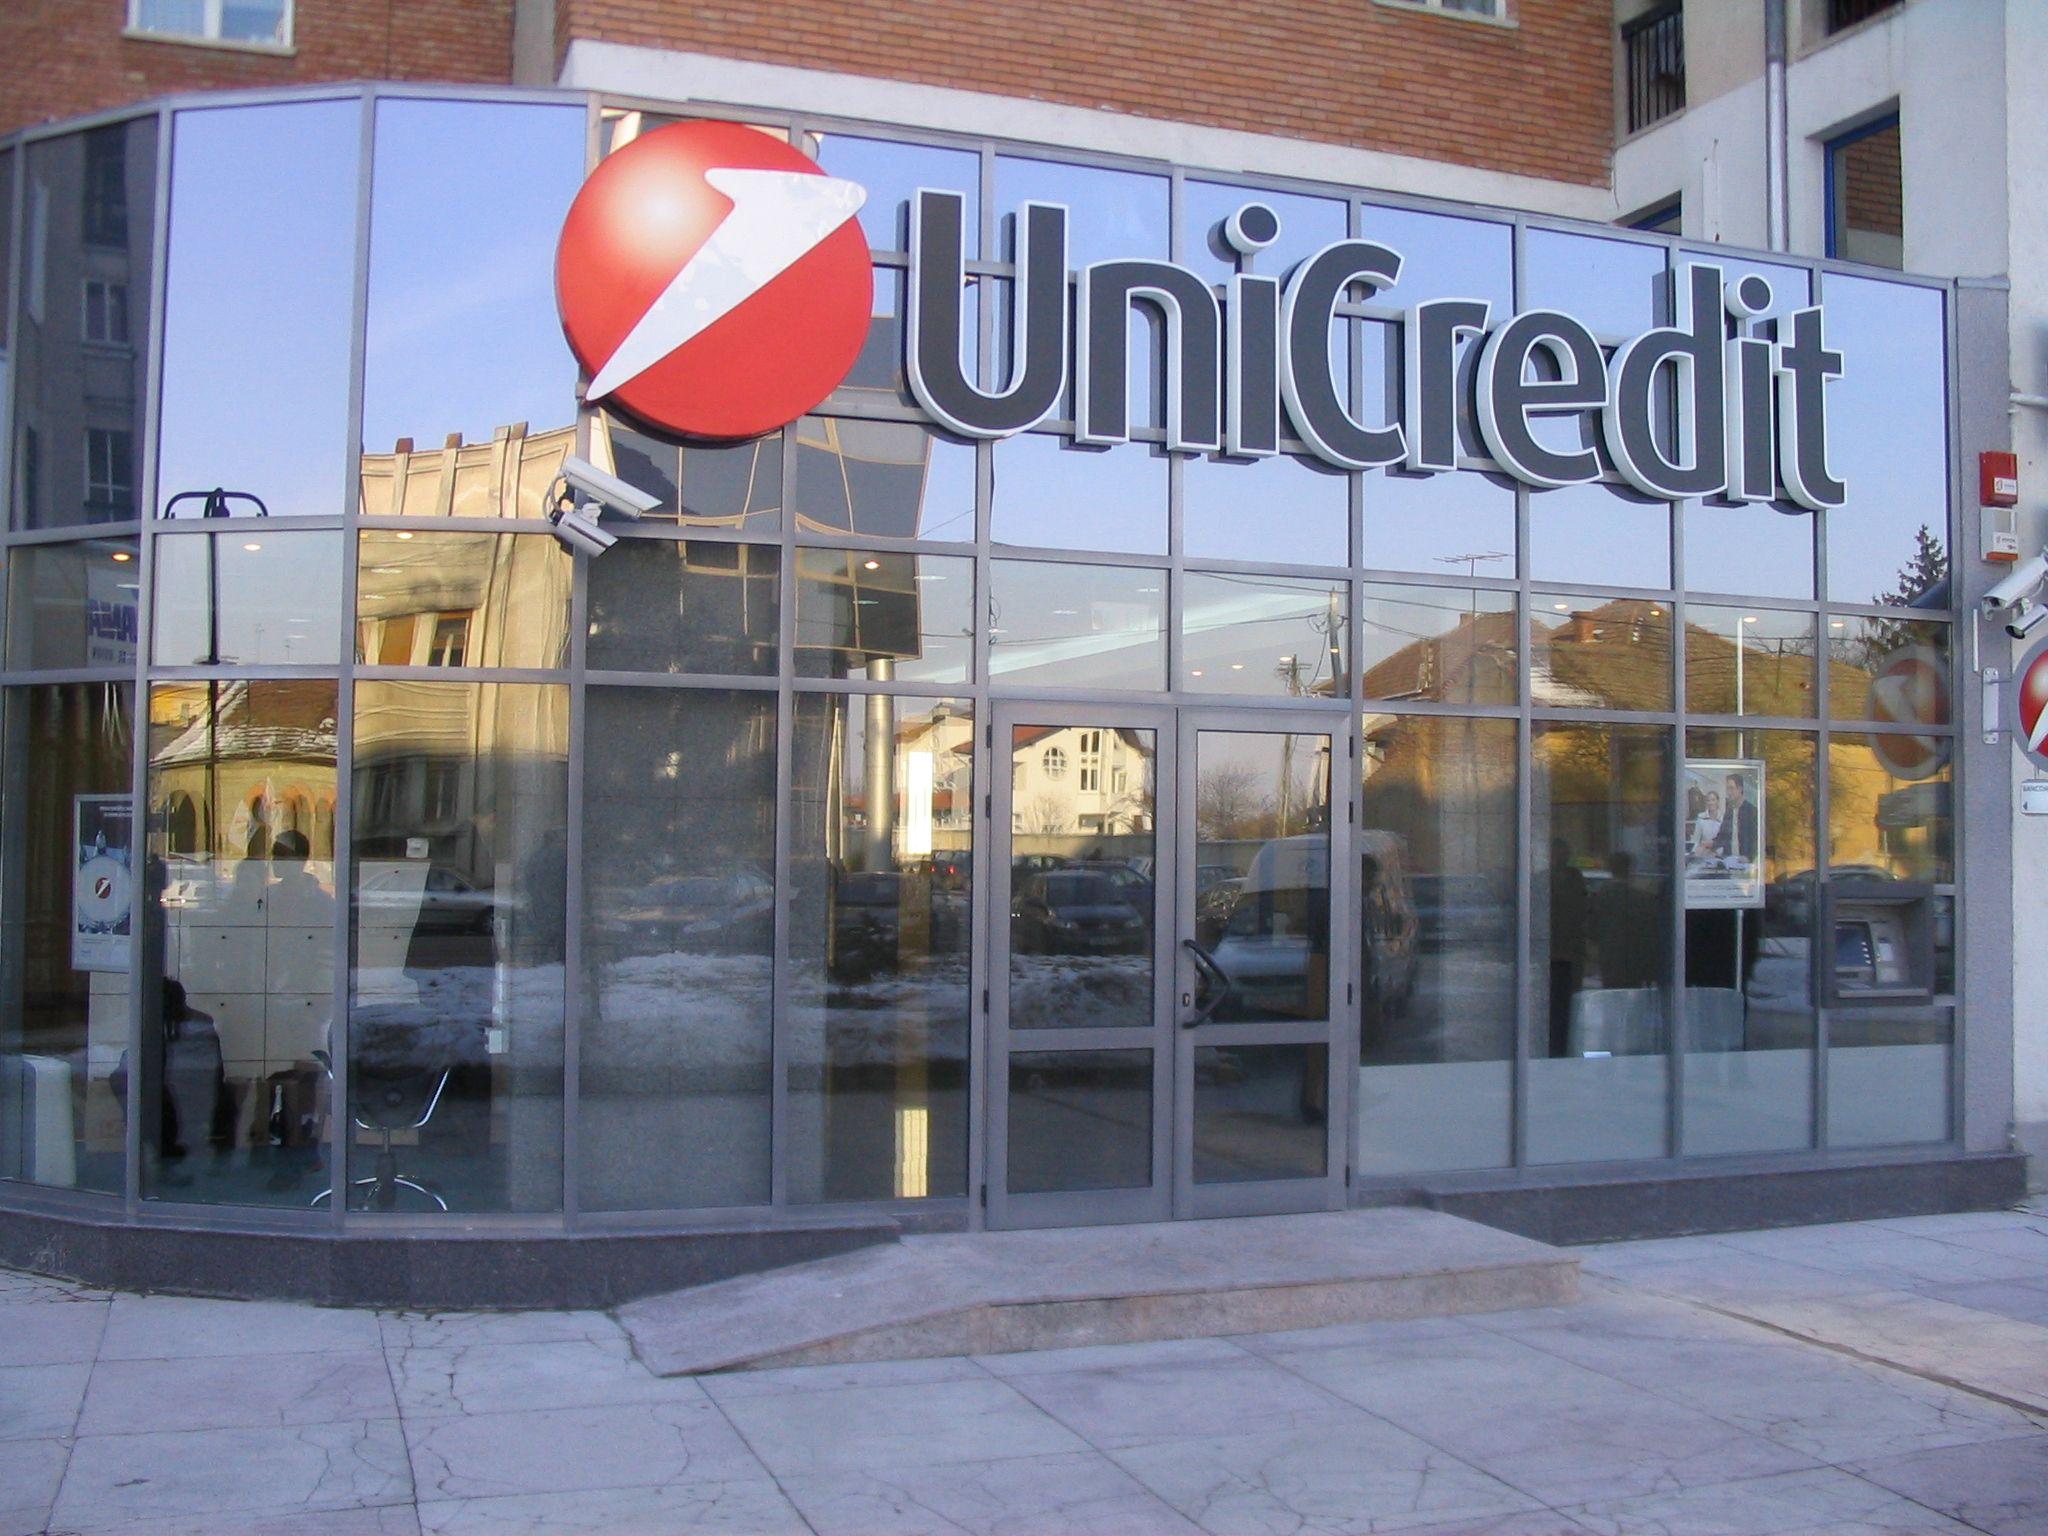 Unicredit assume nuovi addetti allo sportello in italia - Unicredit roma via specchi ...